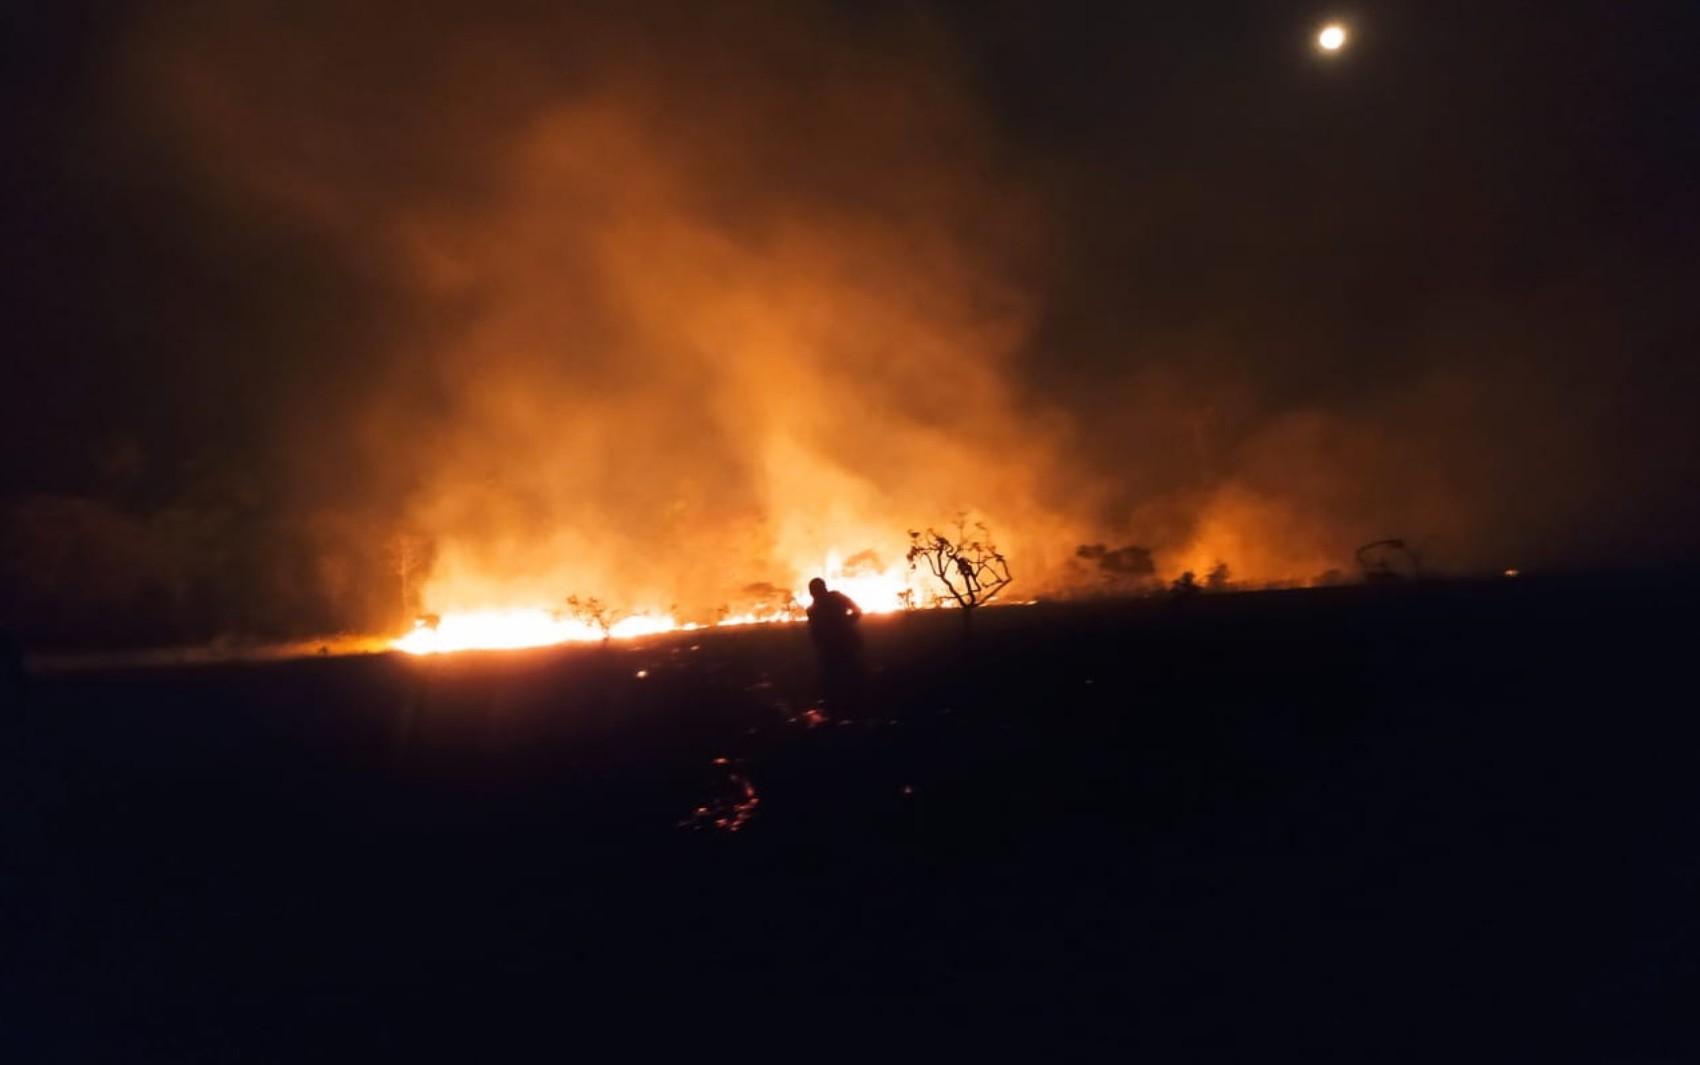 Incêndio atinge Parque Estadual de Terra Ronca e destrói mais de 7 mil hectares em São Domingos